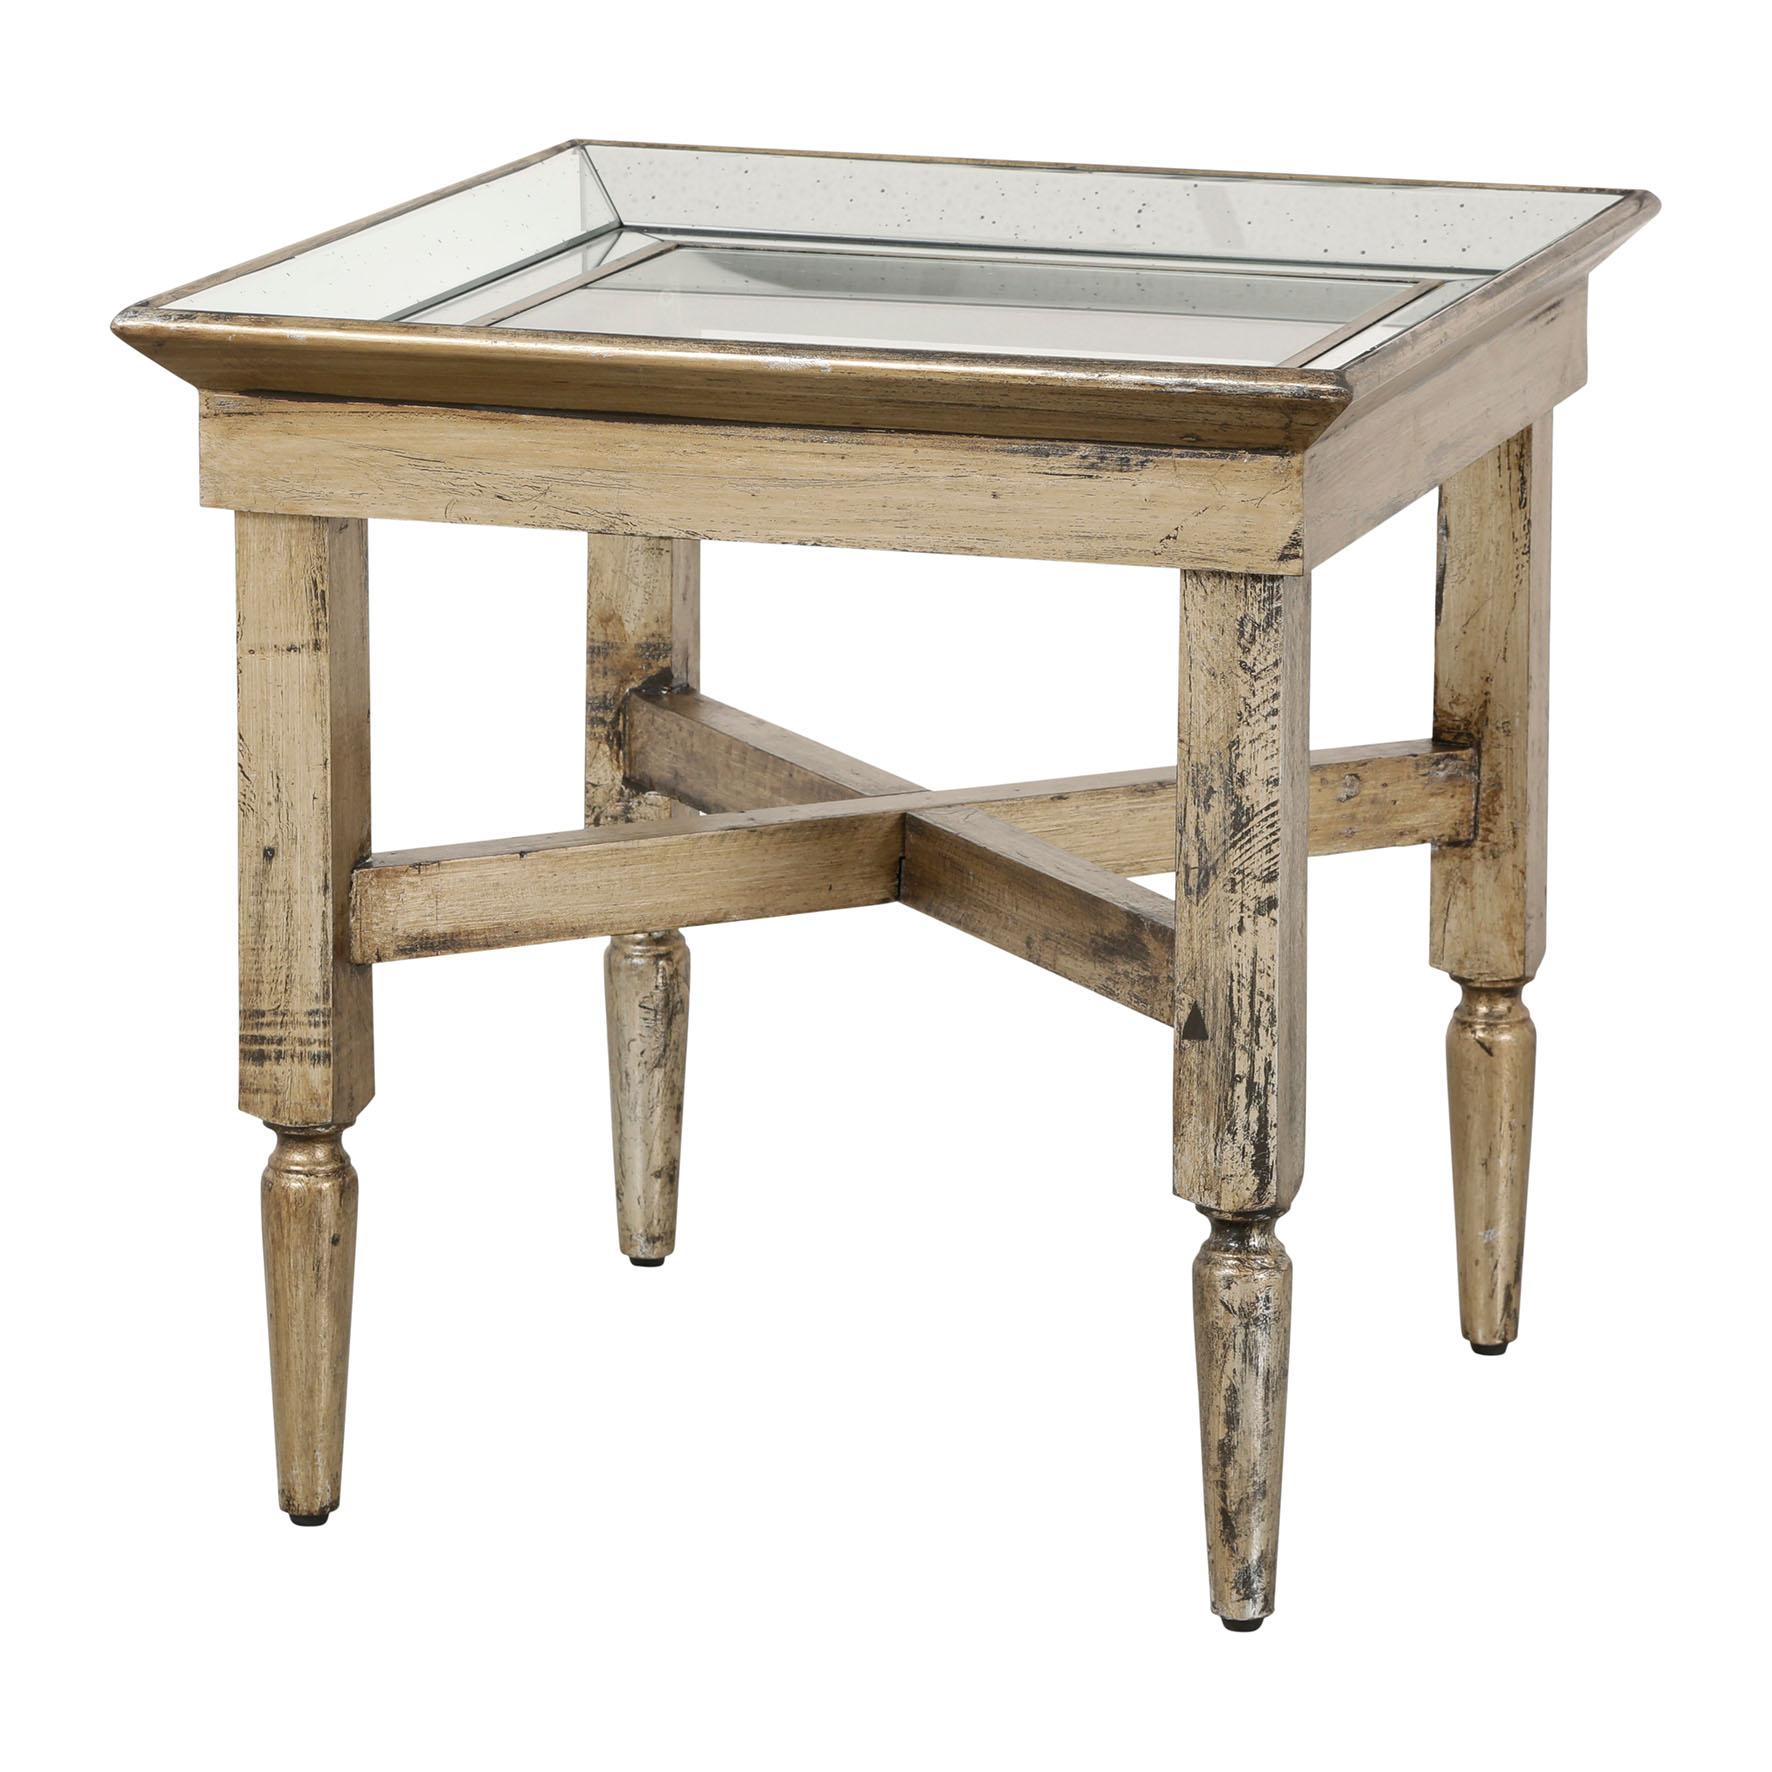 134_Bout-de-Canape-Bois-Miroir Unique De Nappe Pour Table Basse Schème